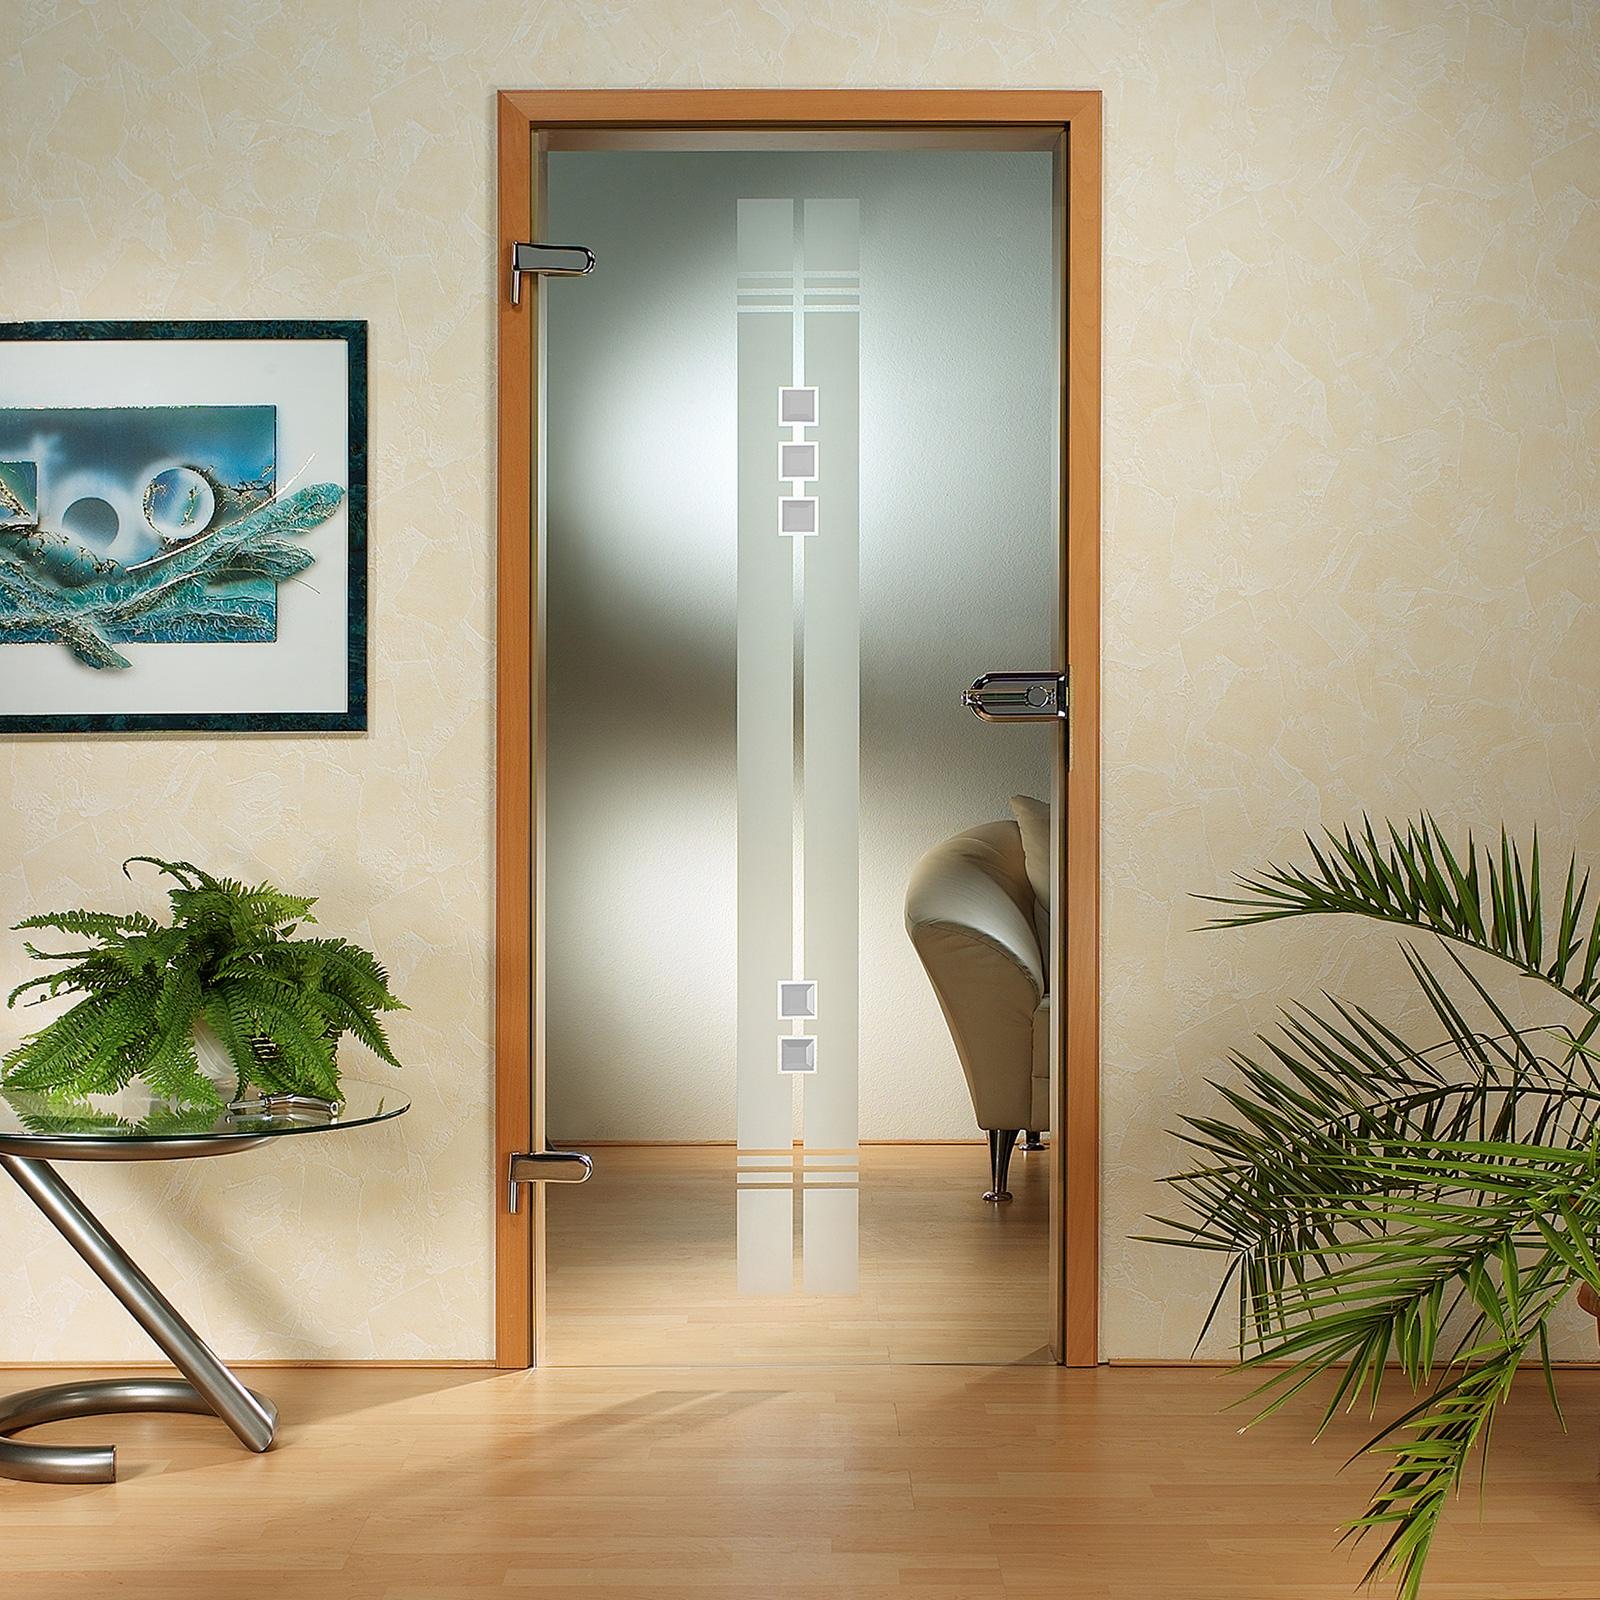 ganzglast r glast r t r innent r ganzglast ren t ren zimmert ren gs 236 f ebay. Black Bedroom Furniture Sets. Home Design Ideas